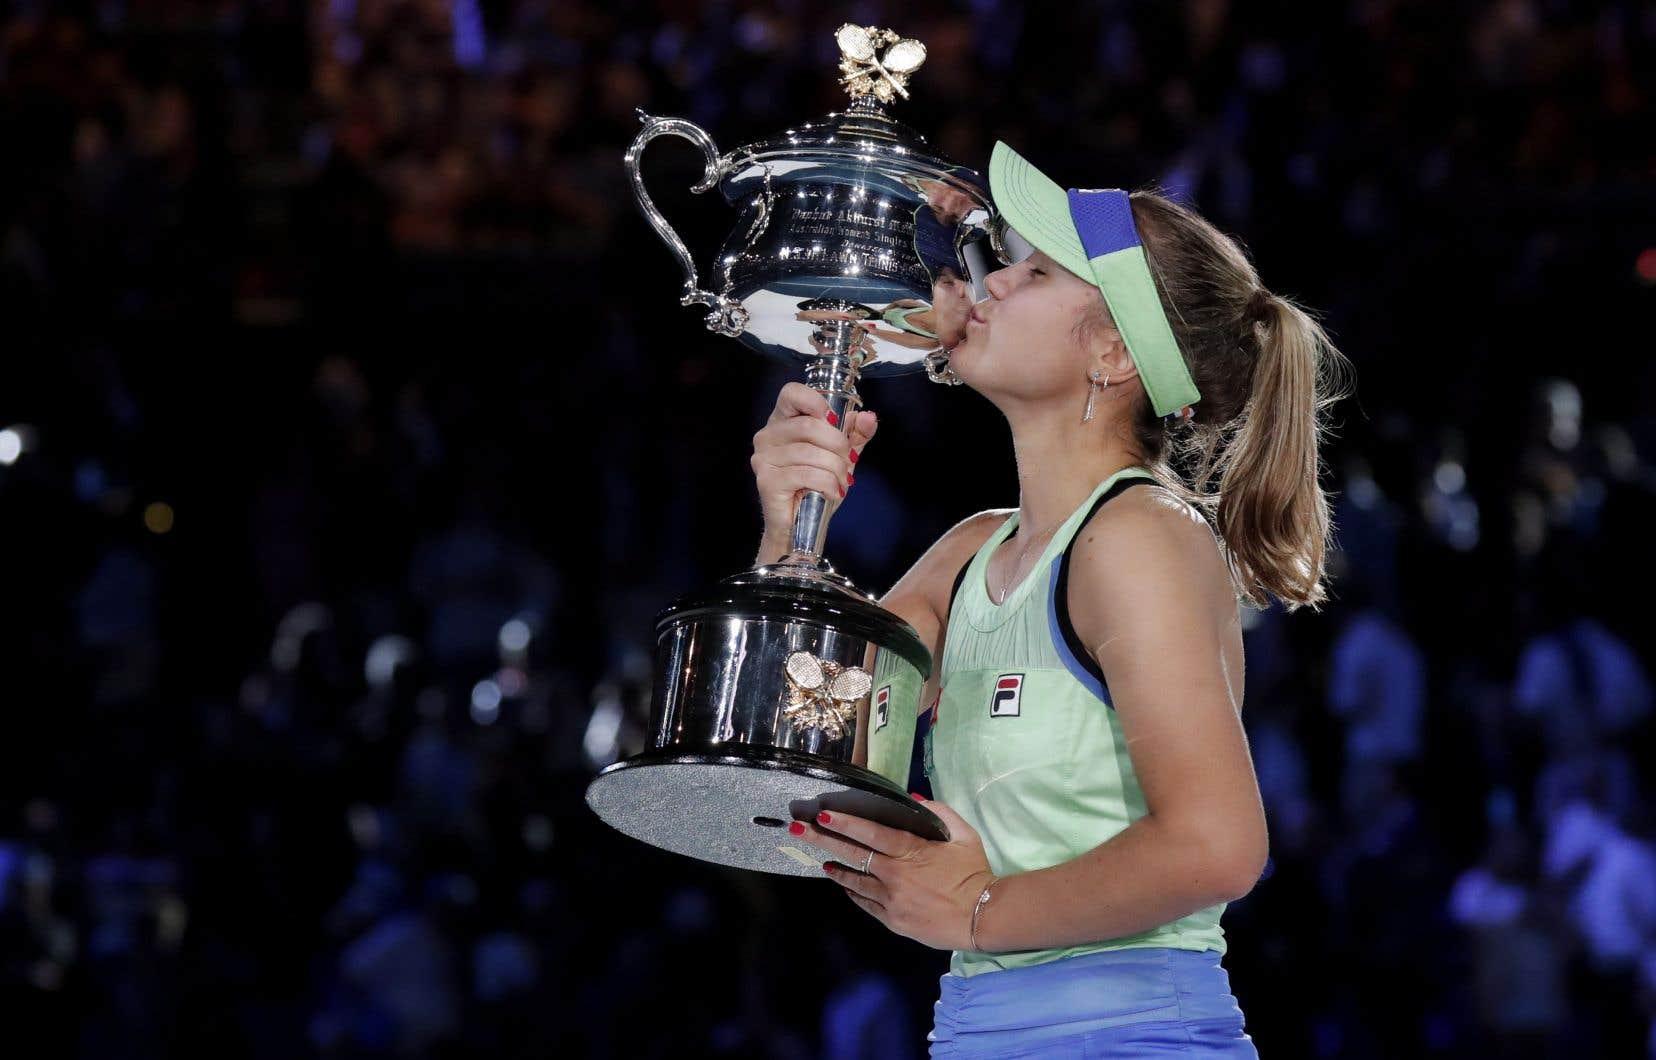 La joueuse de tennis âgée de 21 ans, 14e tête de série, a ainsi décroché son premier titre du Grand Chelem en carrière.